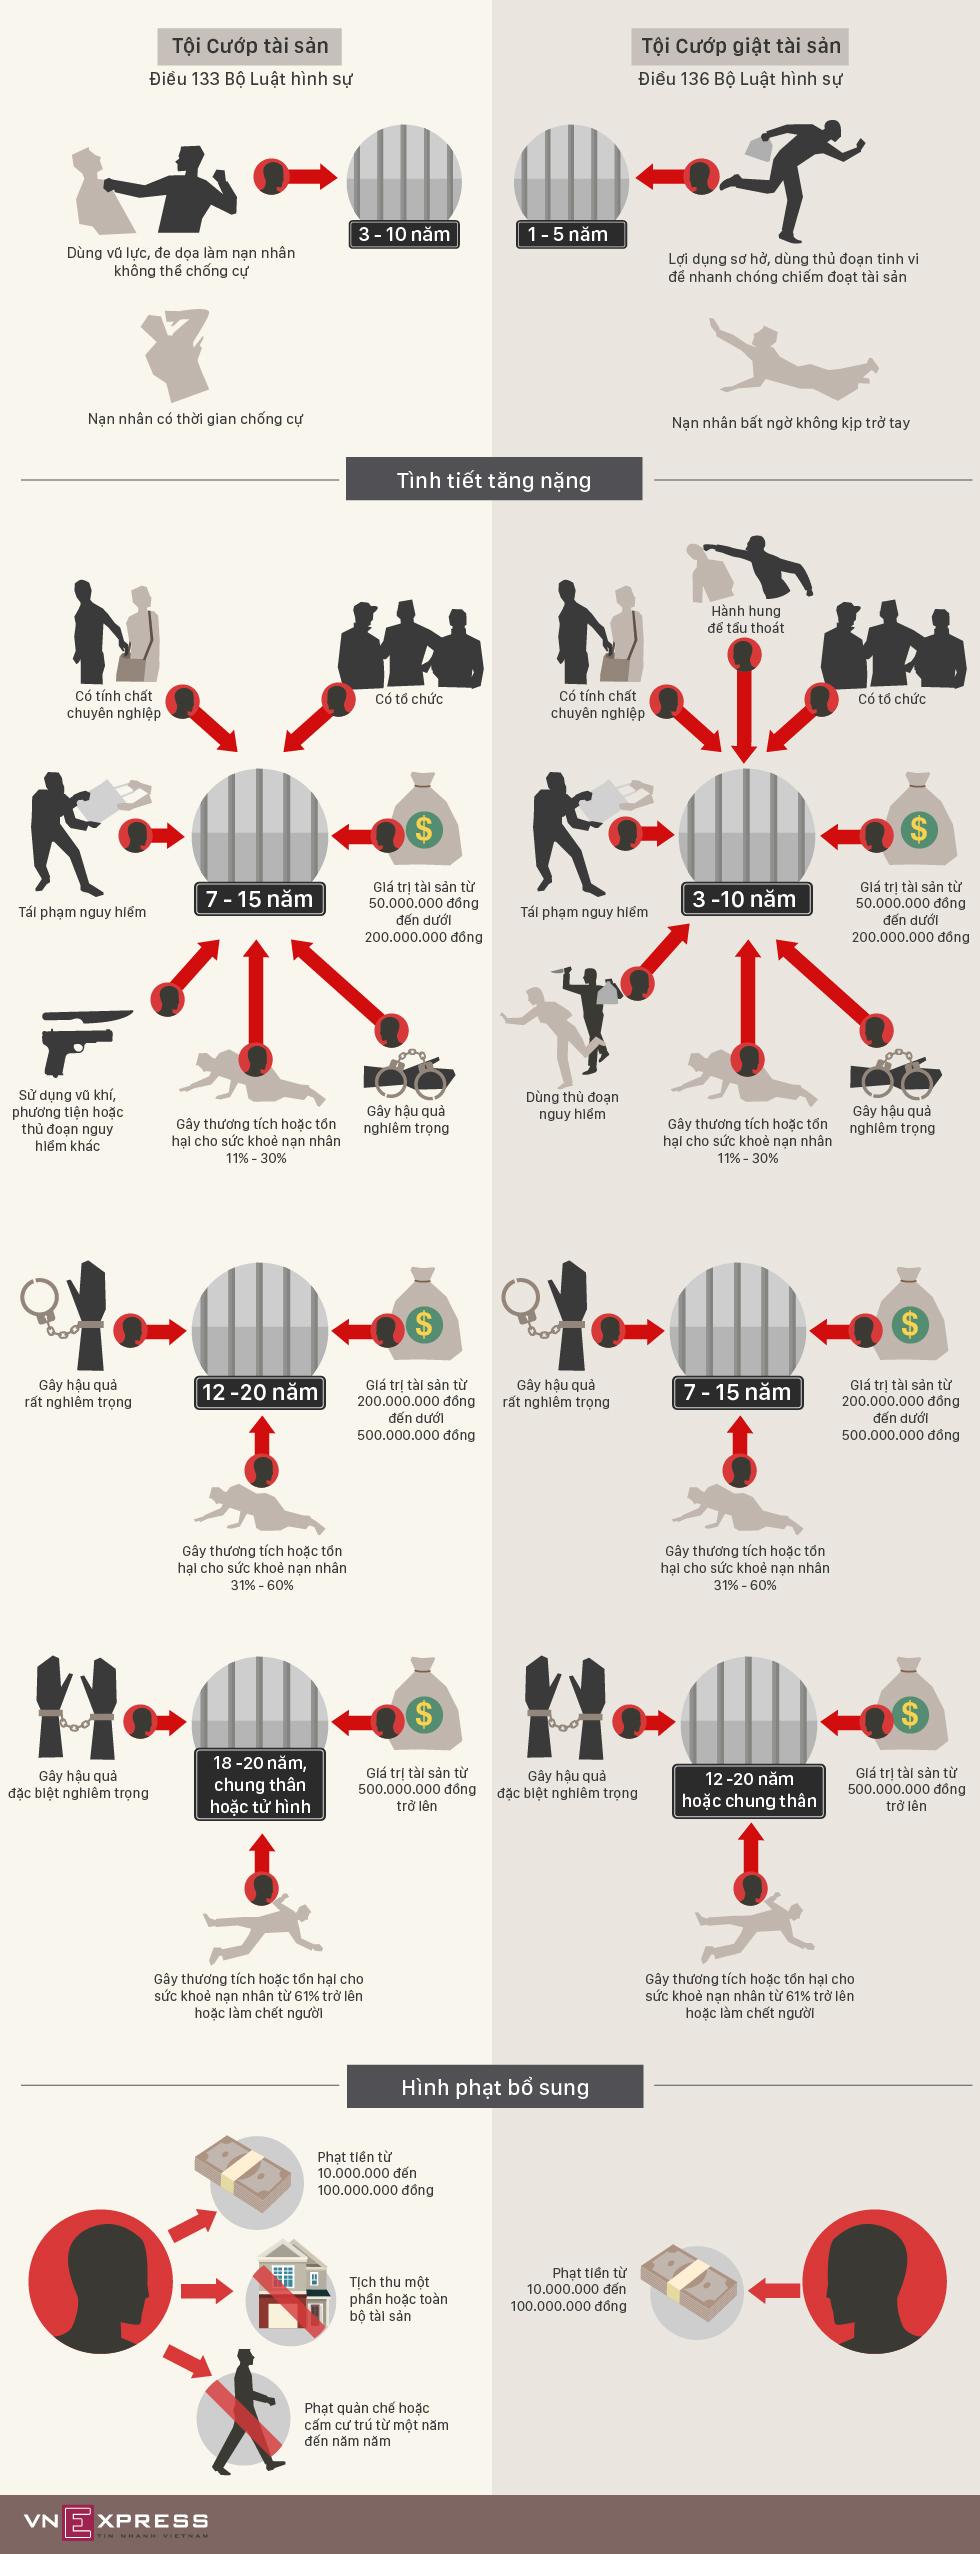 Phân biệt tội Cướp tài sản và Cướp giật tài sản